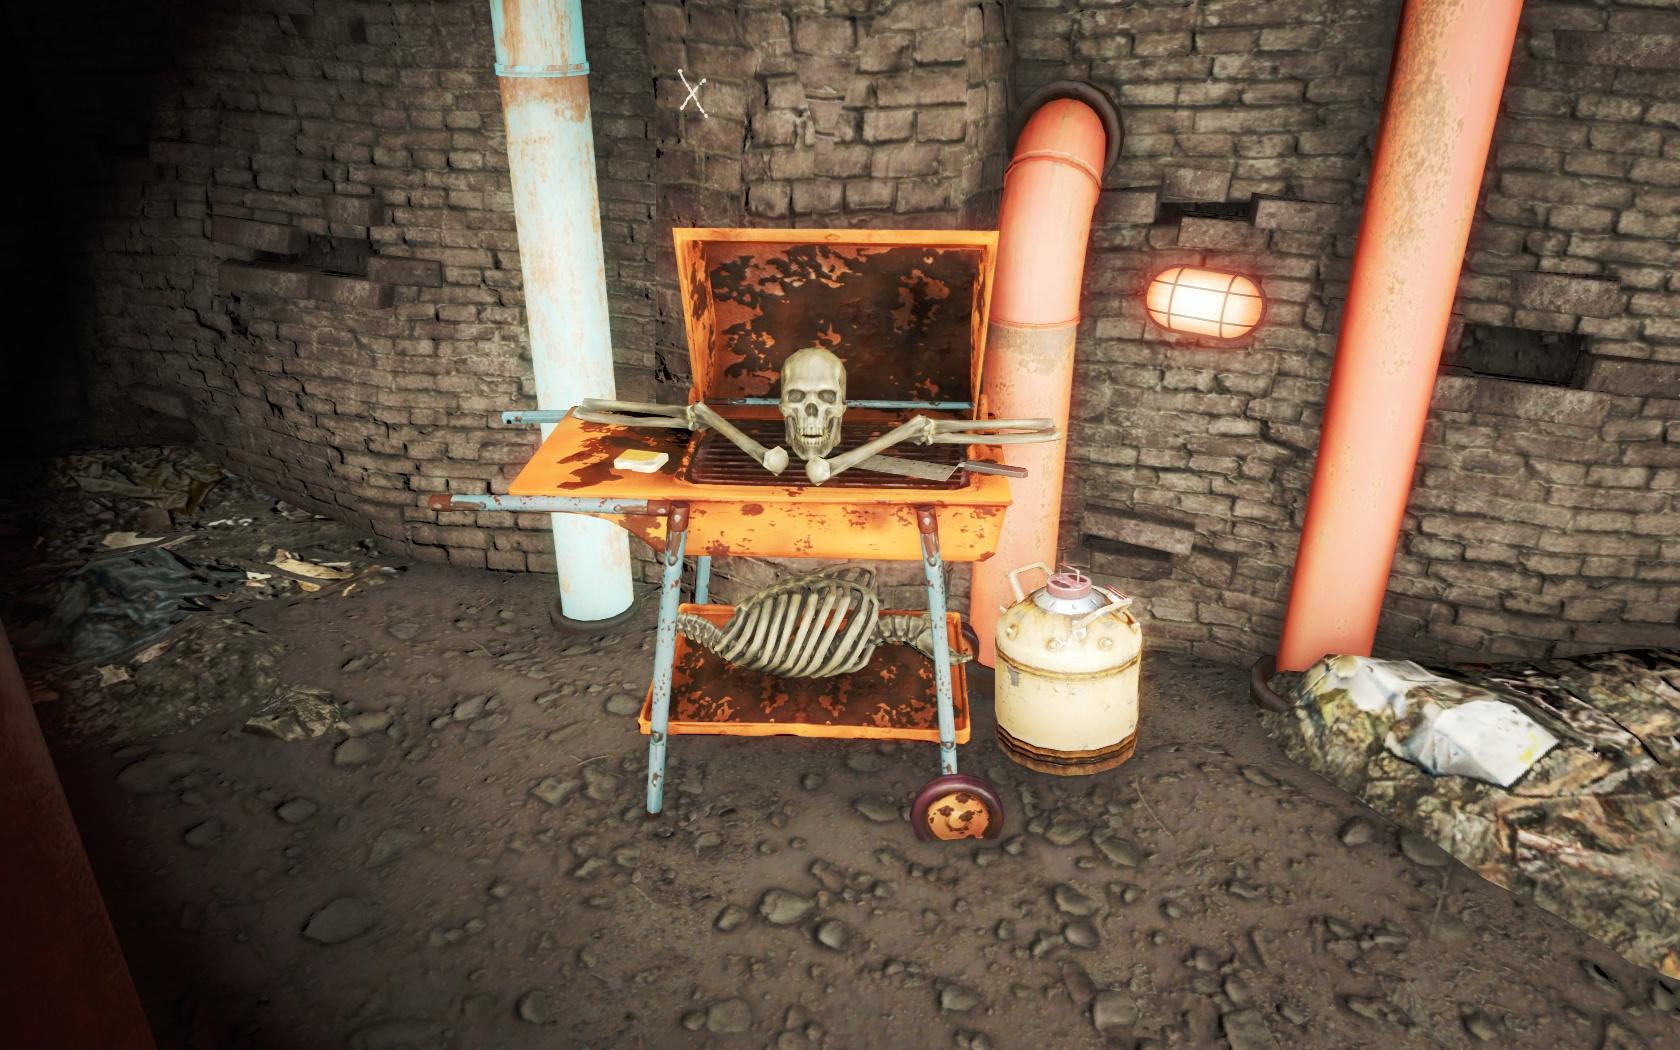 Пикник (Канализация Фенс-стрит) - Fallout 4 Канализация, Канализация Фенс-стрит, скелет, Фенс, Фенс-стрит